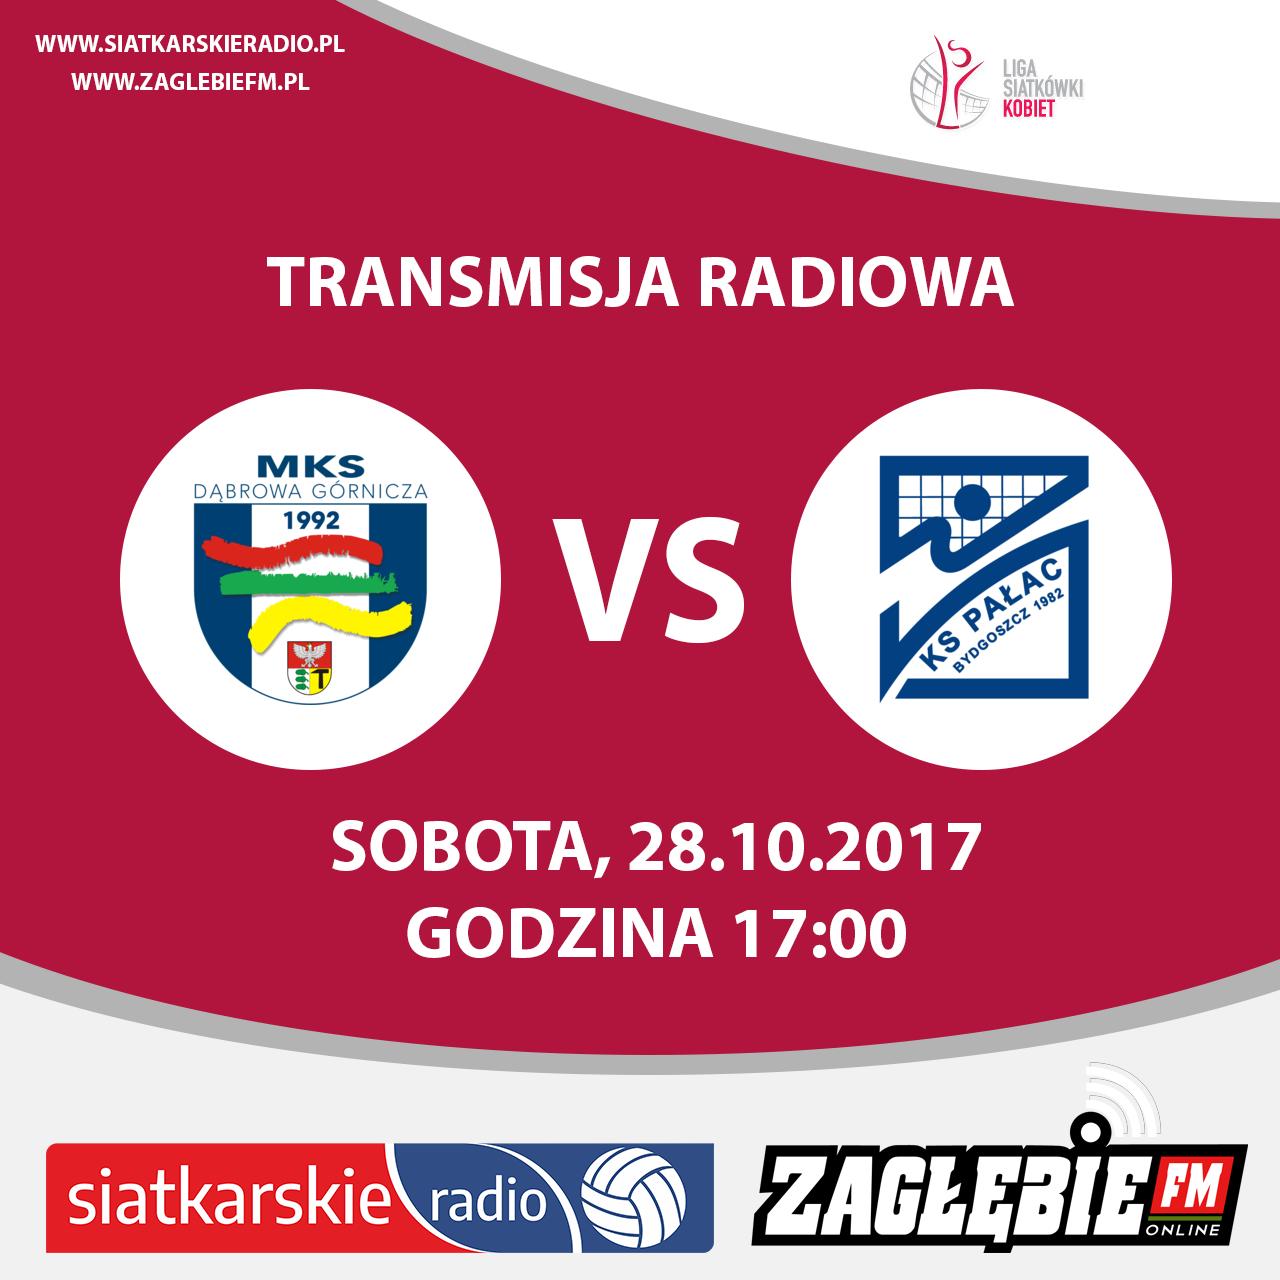 mks dąbrowa górnicza vs ks pałac bydgoszcz transmisja radiowa